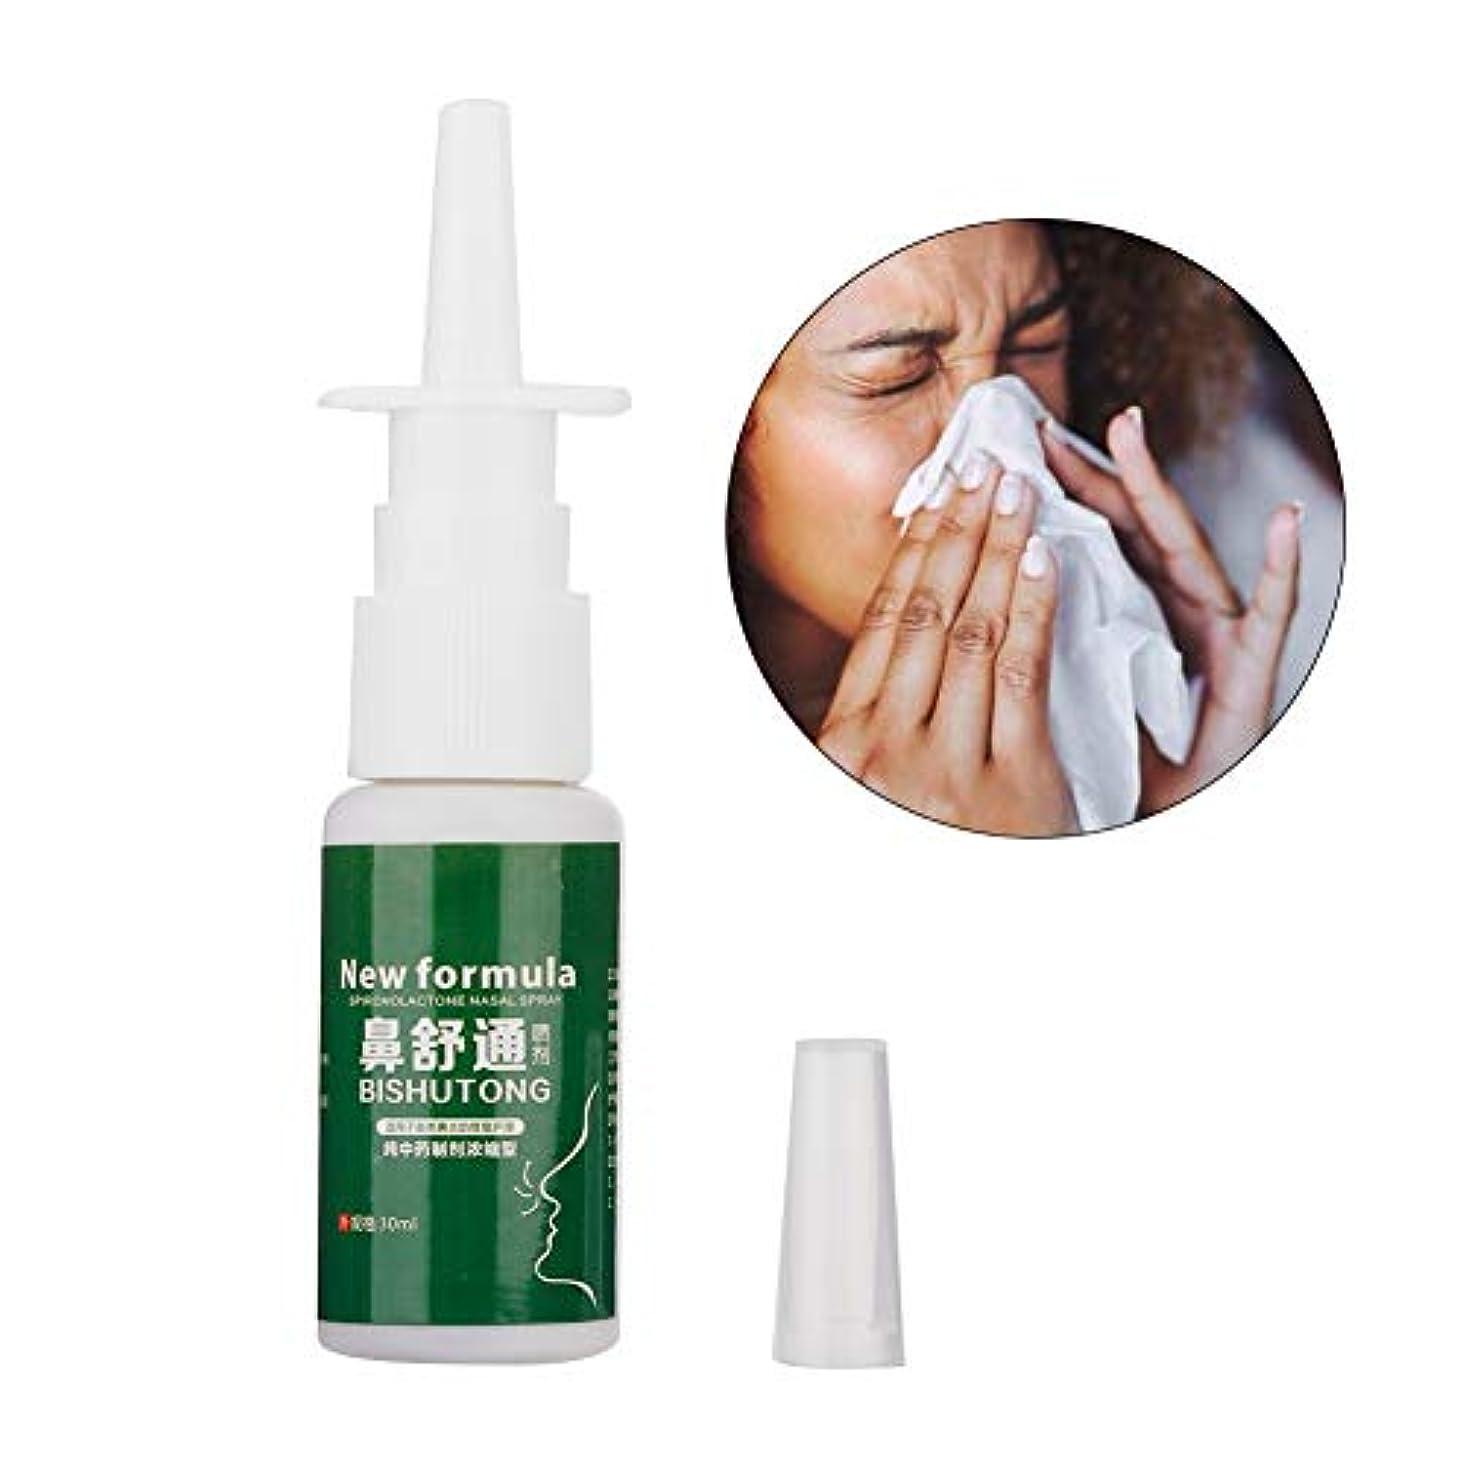 サドル波紋マーカー鼻アレルギー鼻炎スプレー、30ml鼻炎ハーブスプレー鼻アレルギーとかゆみ鼻炎のための漢方薬